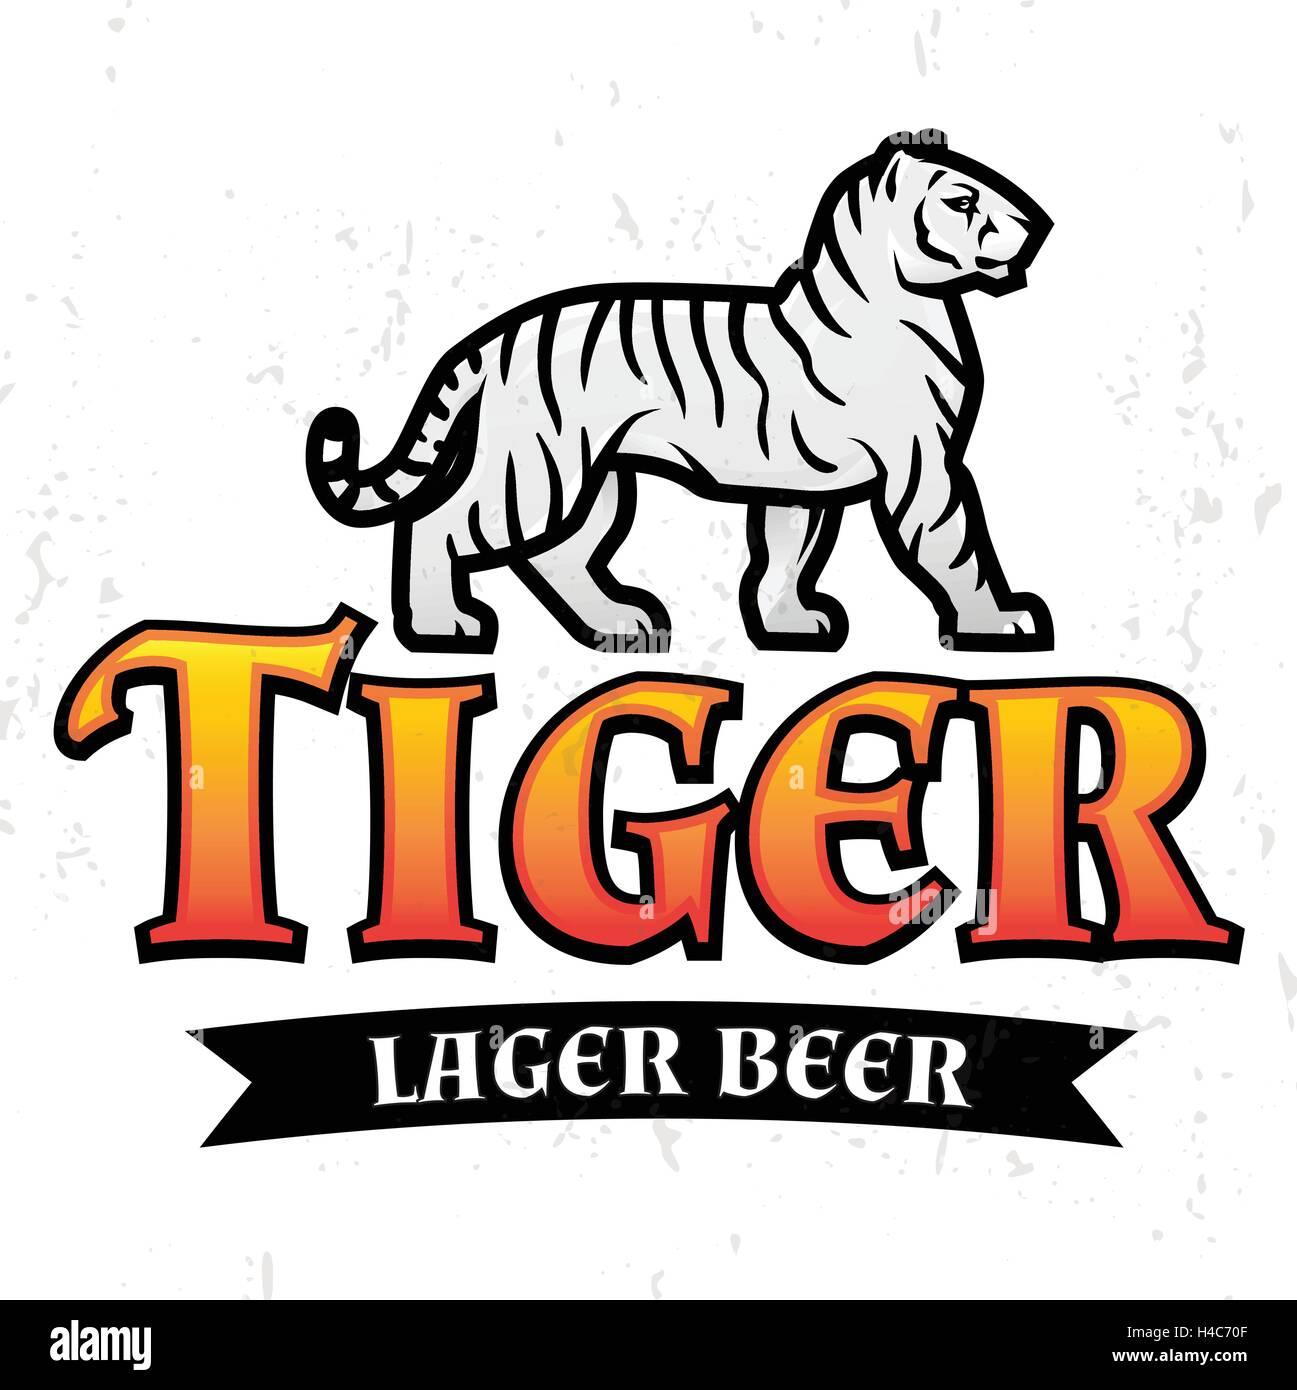 Bengal Tiger Beer Logo Vektor. Lager-Label-Design-Vorlage. Predator ...